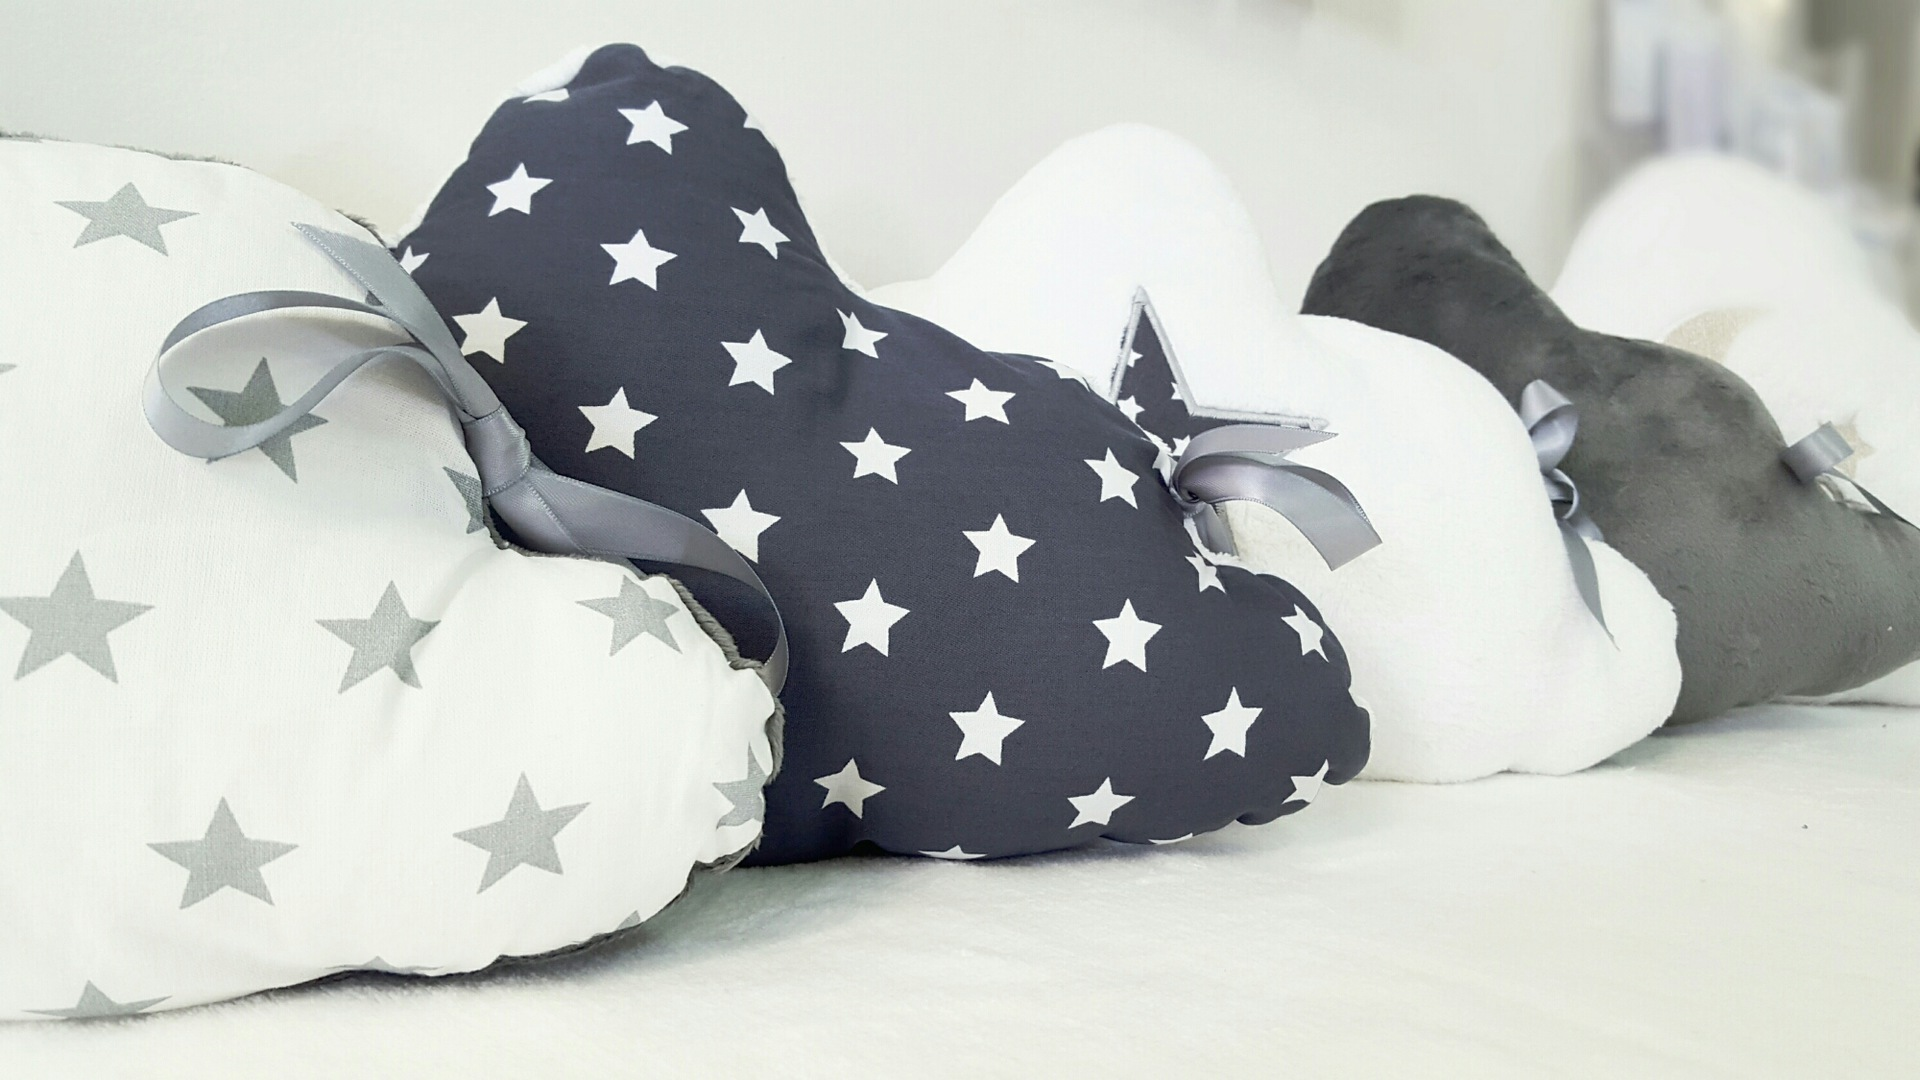 Tour de lit coussin étoile – tour de lit nuage – Lilye&Co